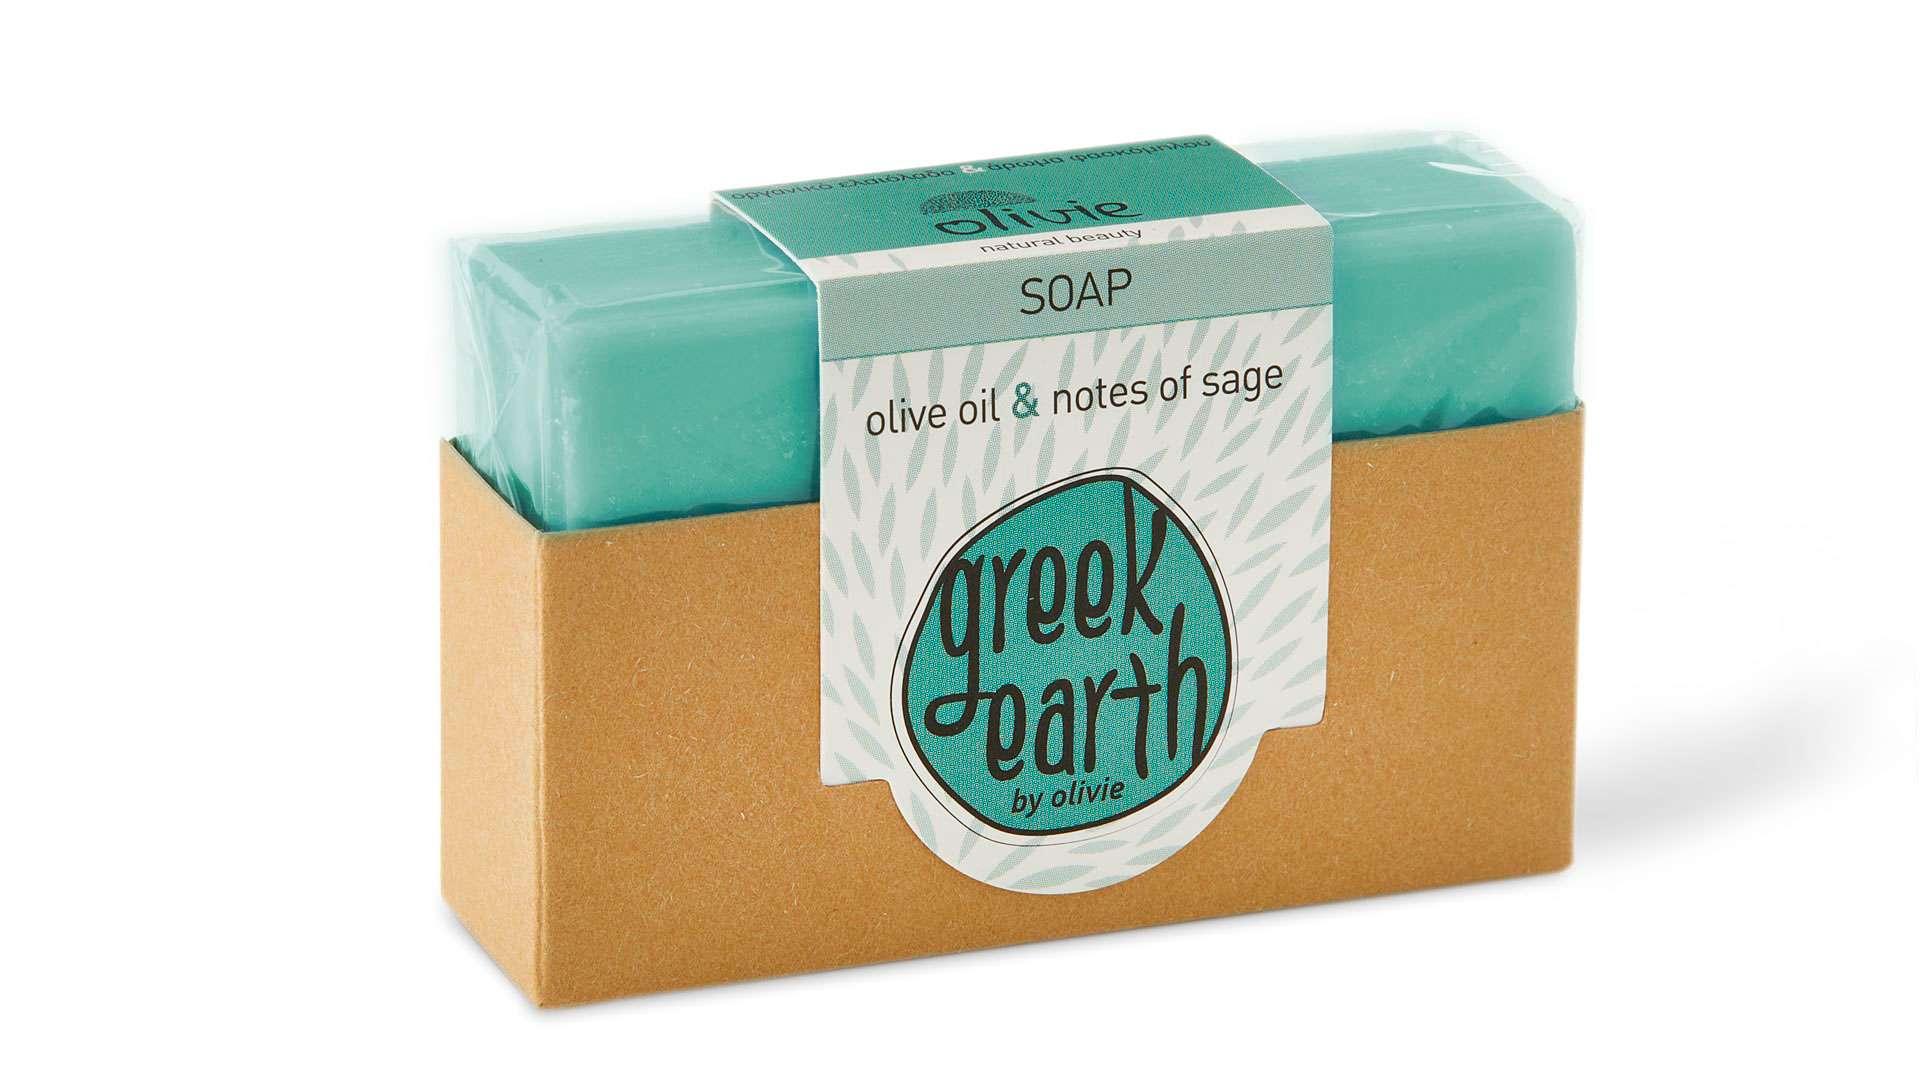 GREEN GREEK EARTH SOAP